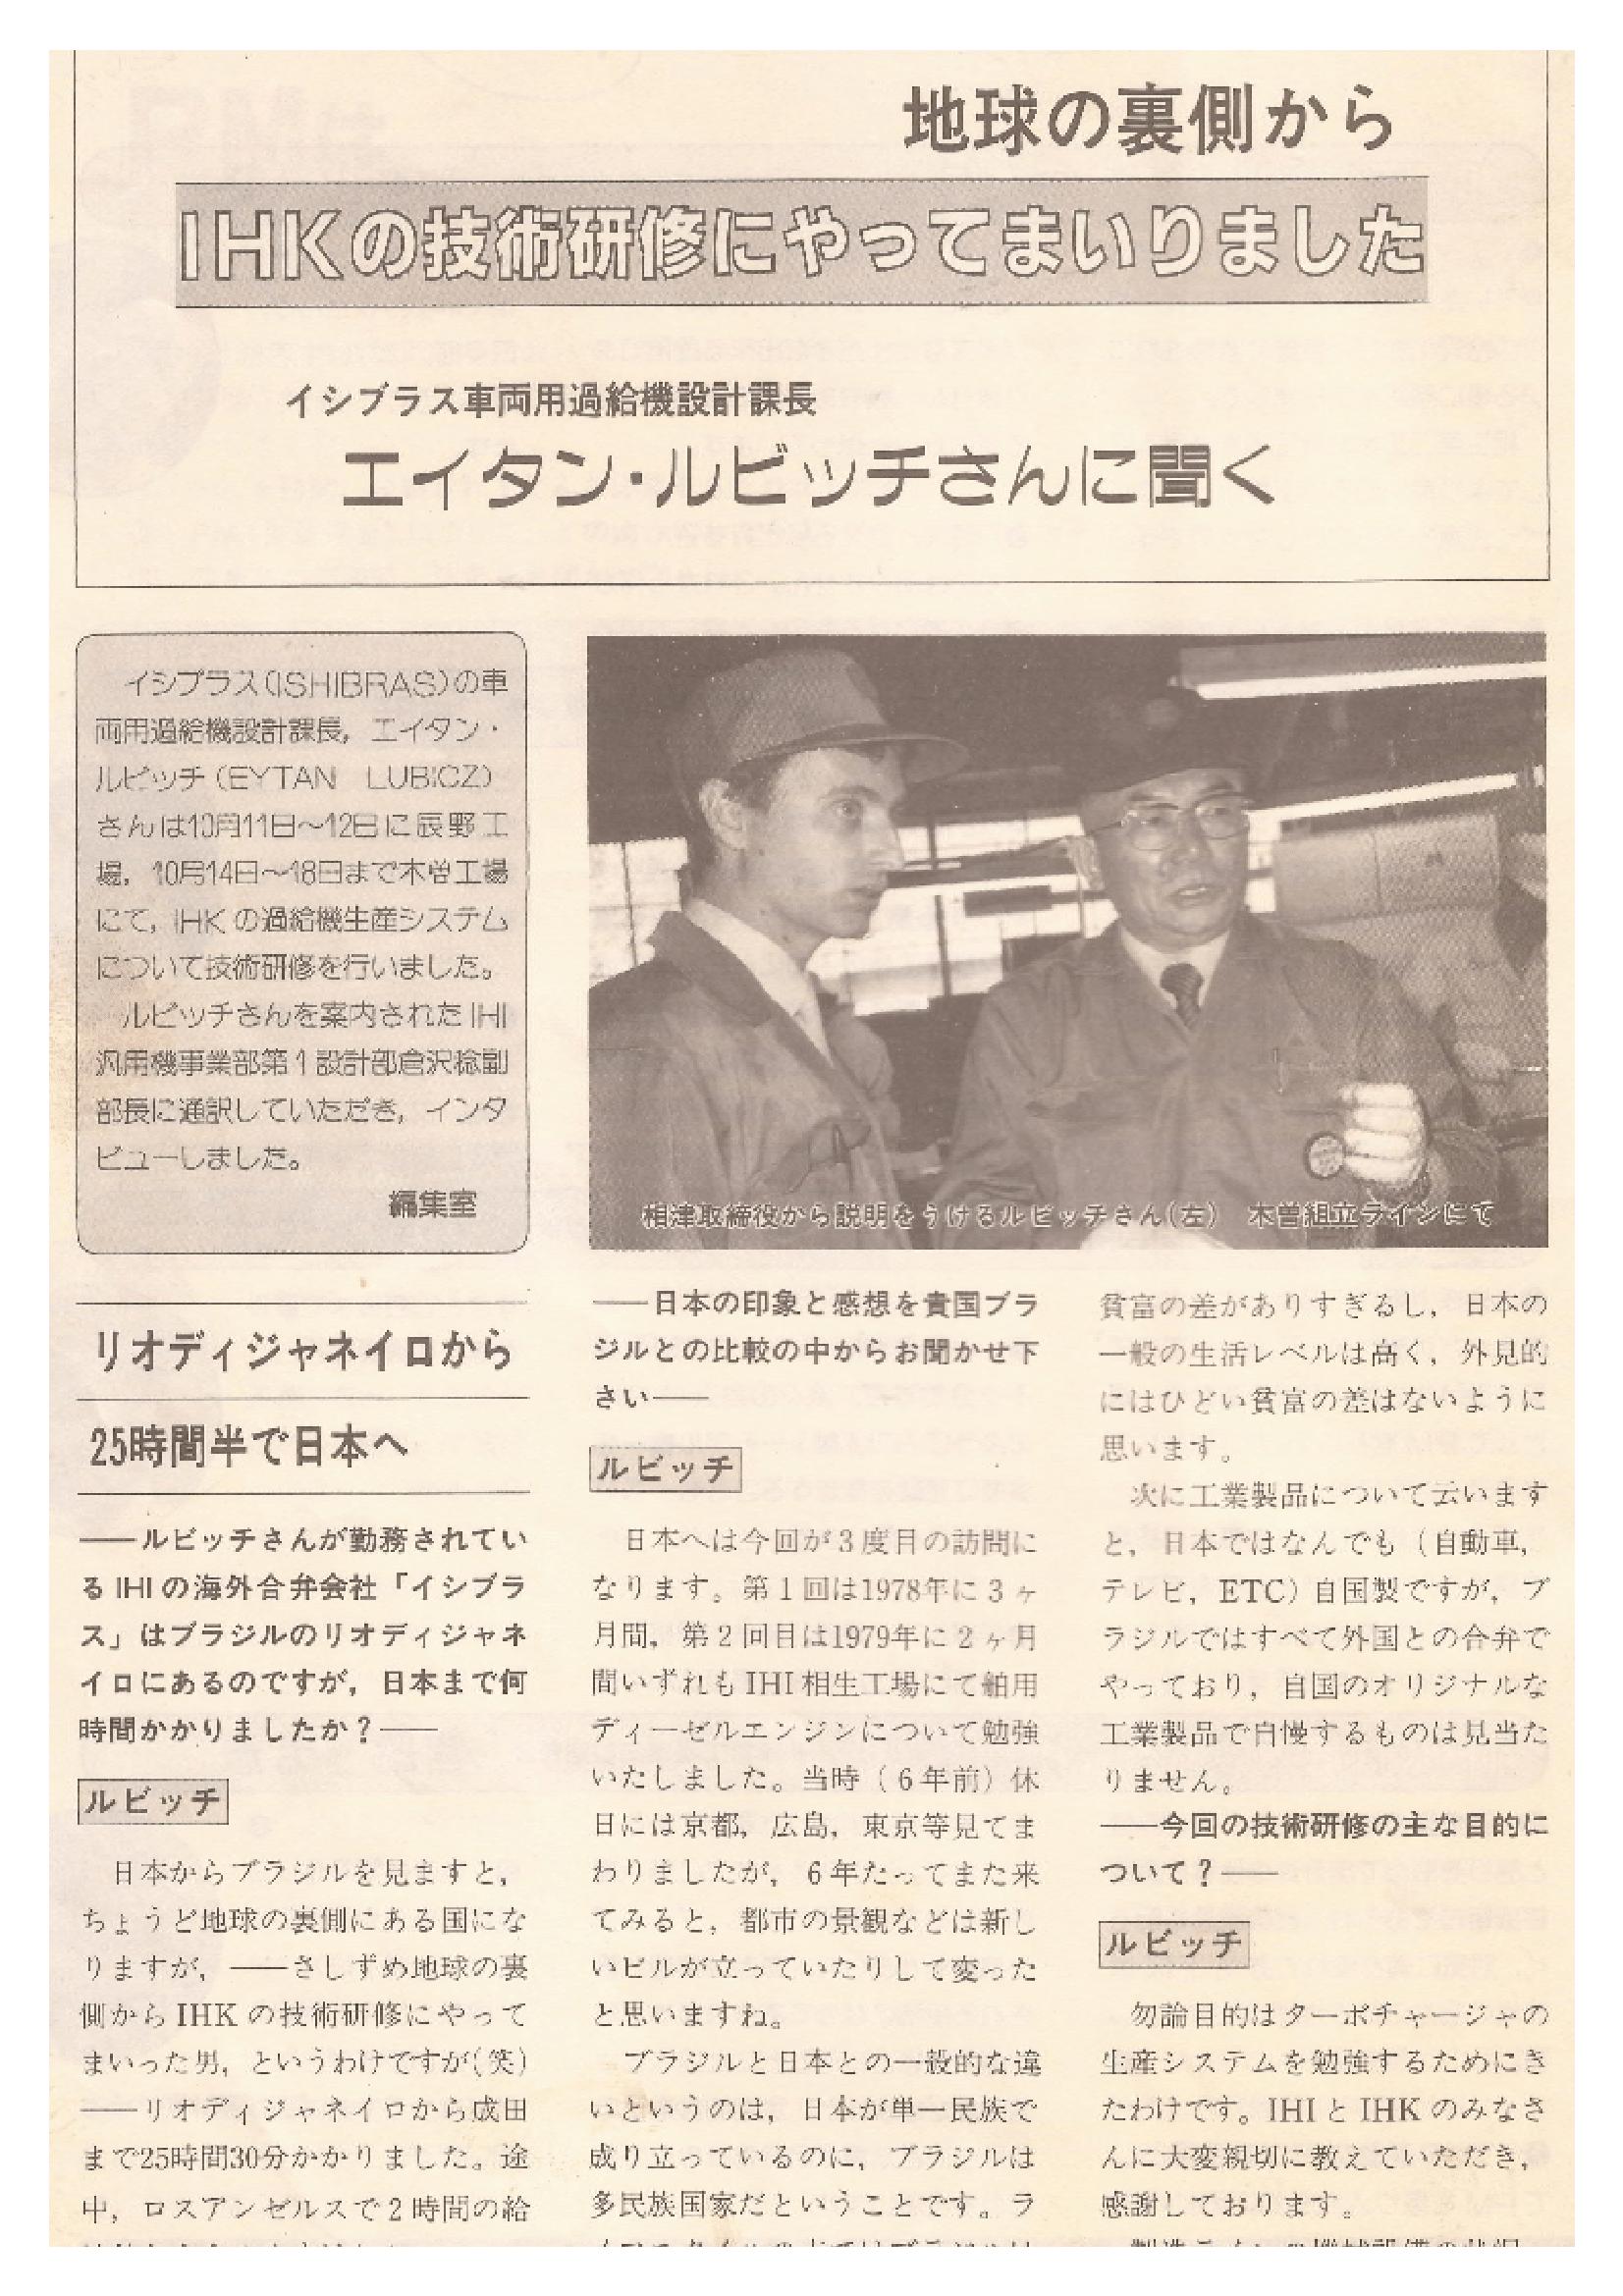 Eytan visita a fabrica de turbos IHI em 1985